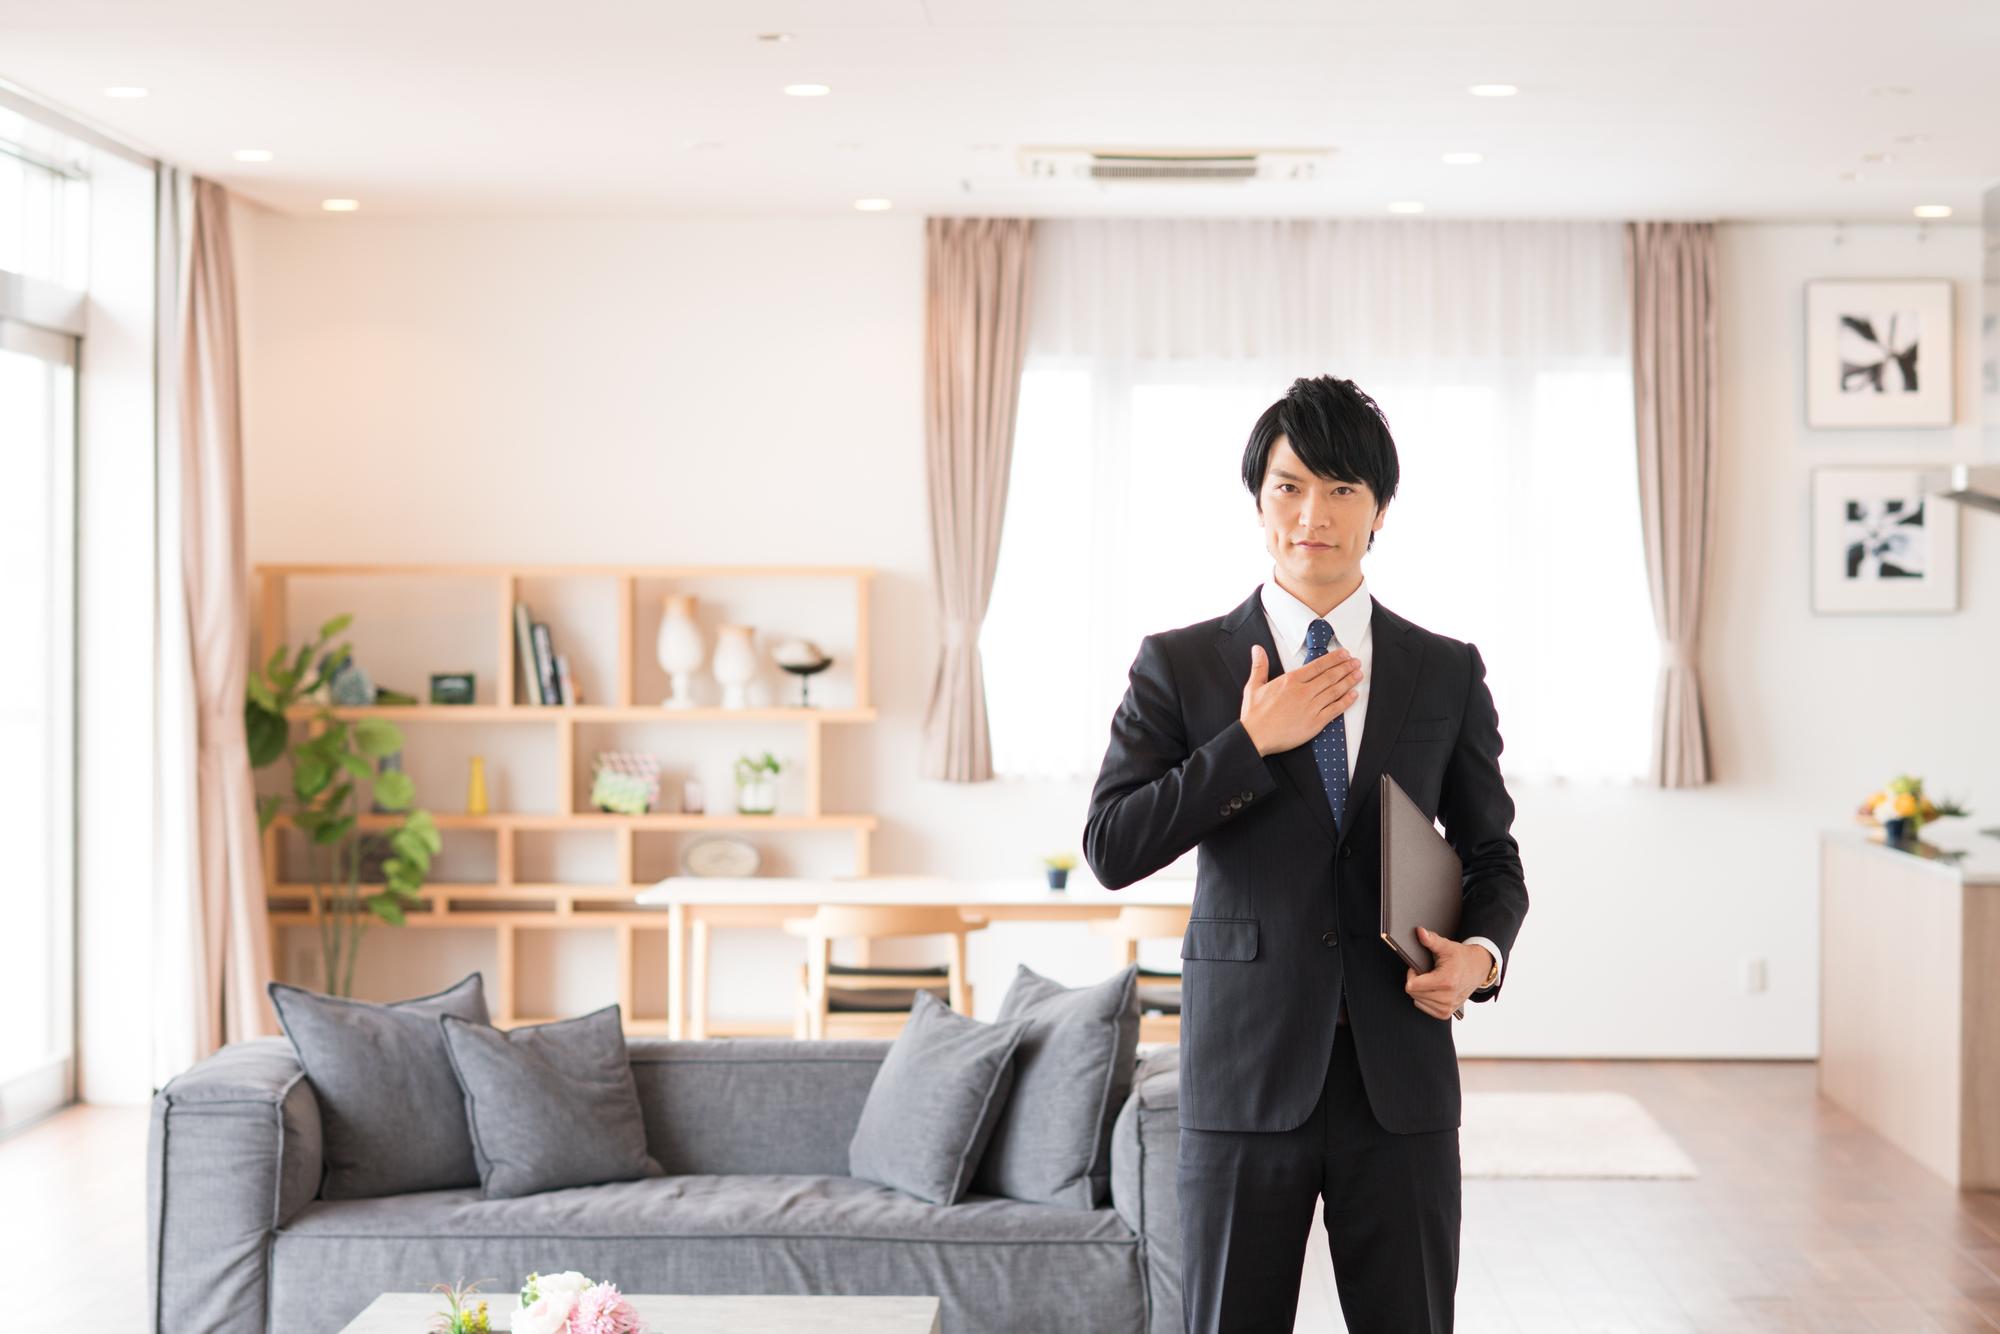 ビジネスマンのイメージ写真